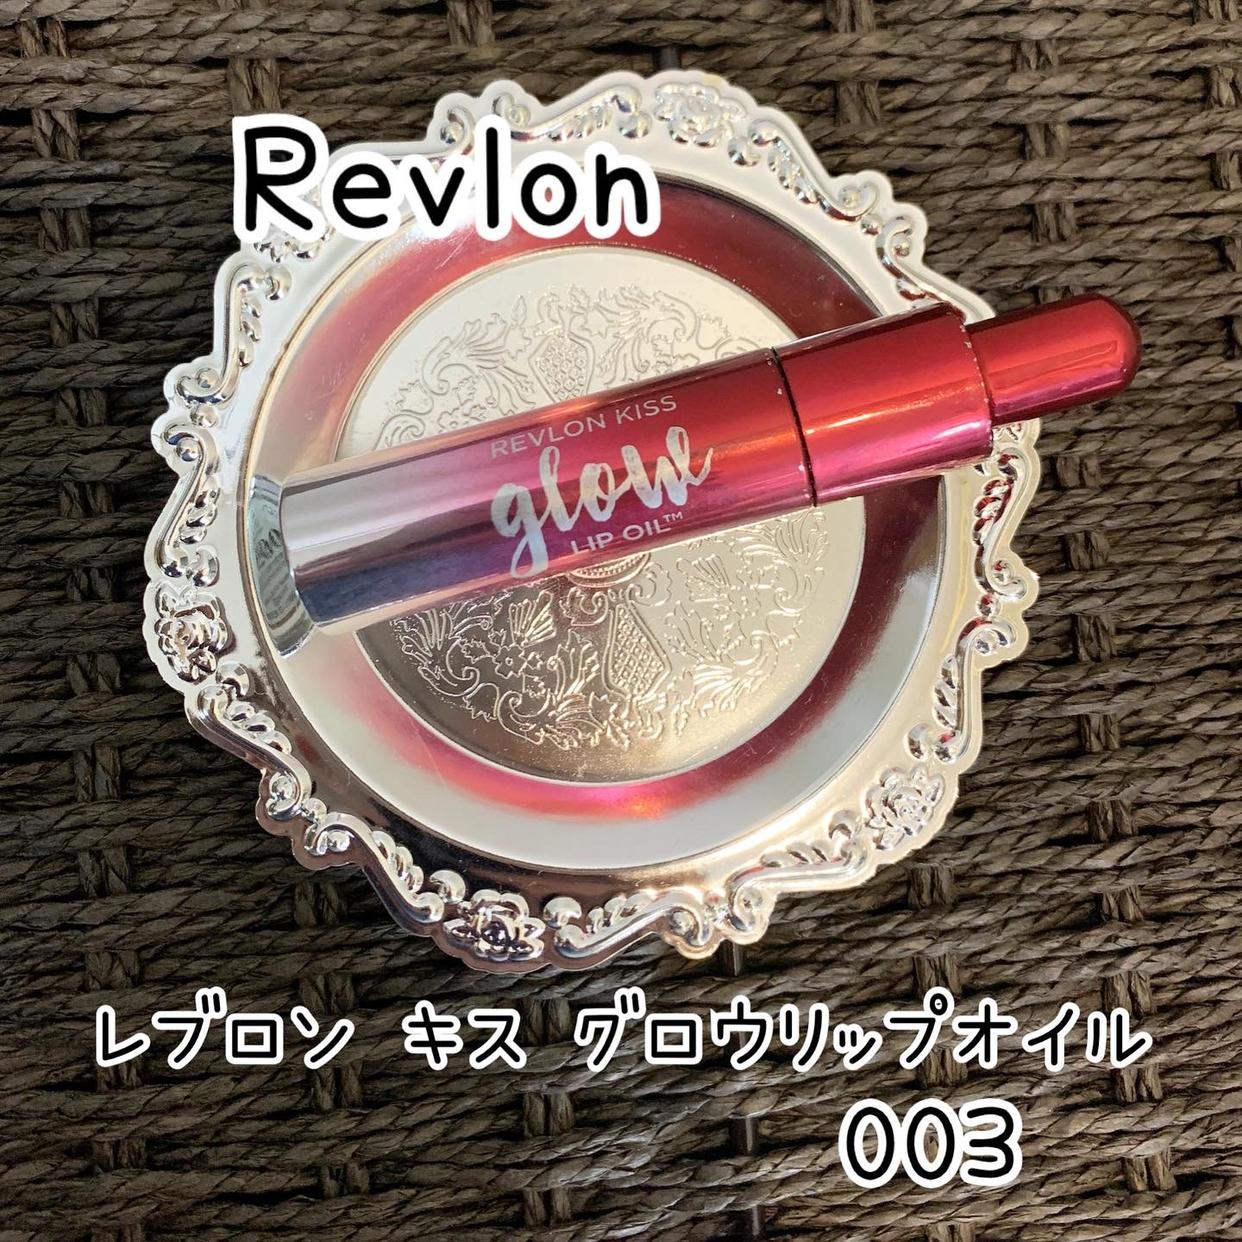 REVLON(レブロン)キス グロウ リップ オイルを使った yuukさんのクチコミ画像